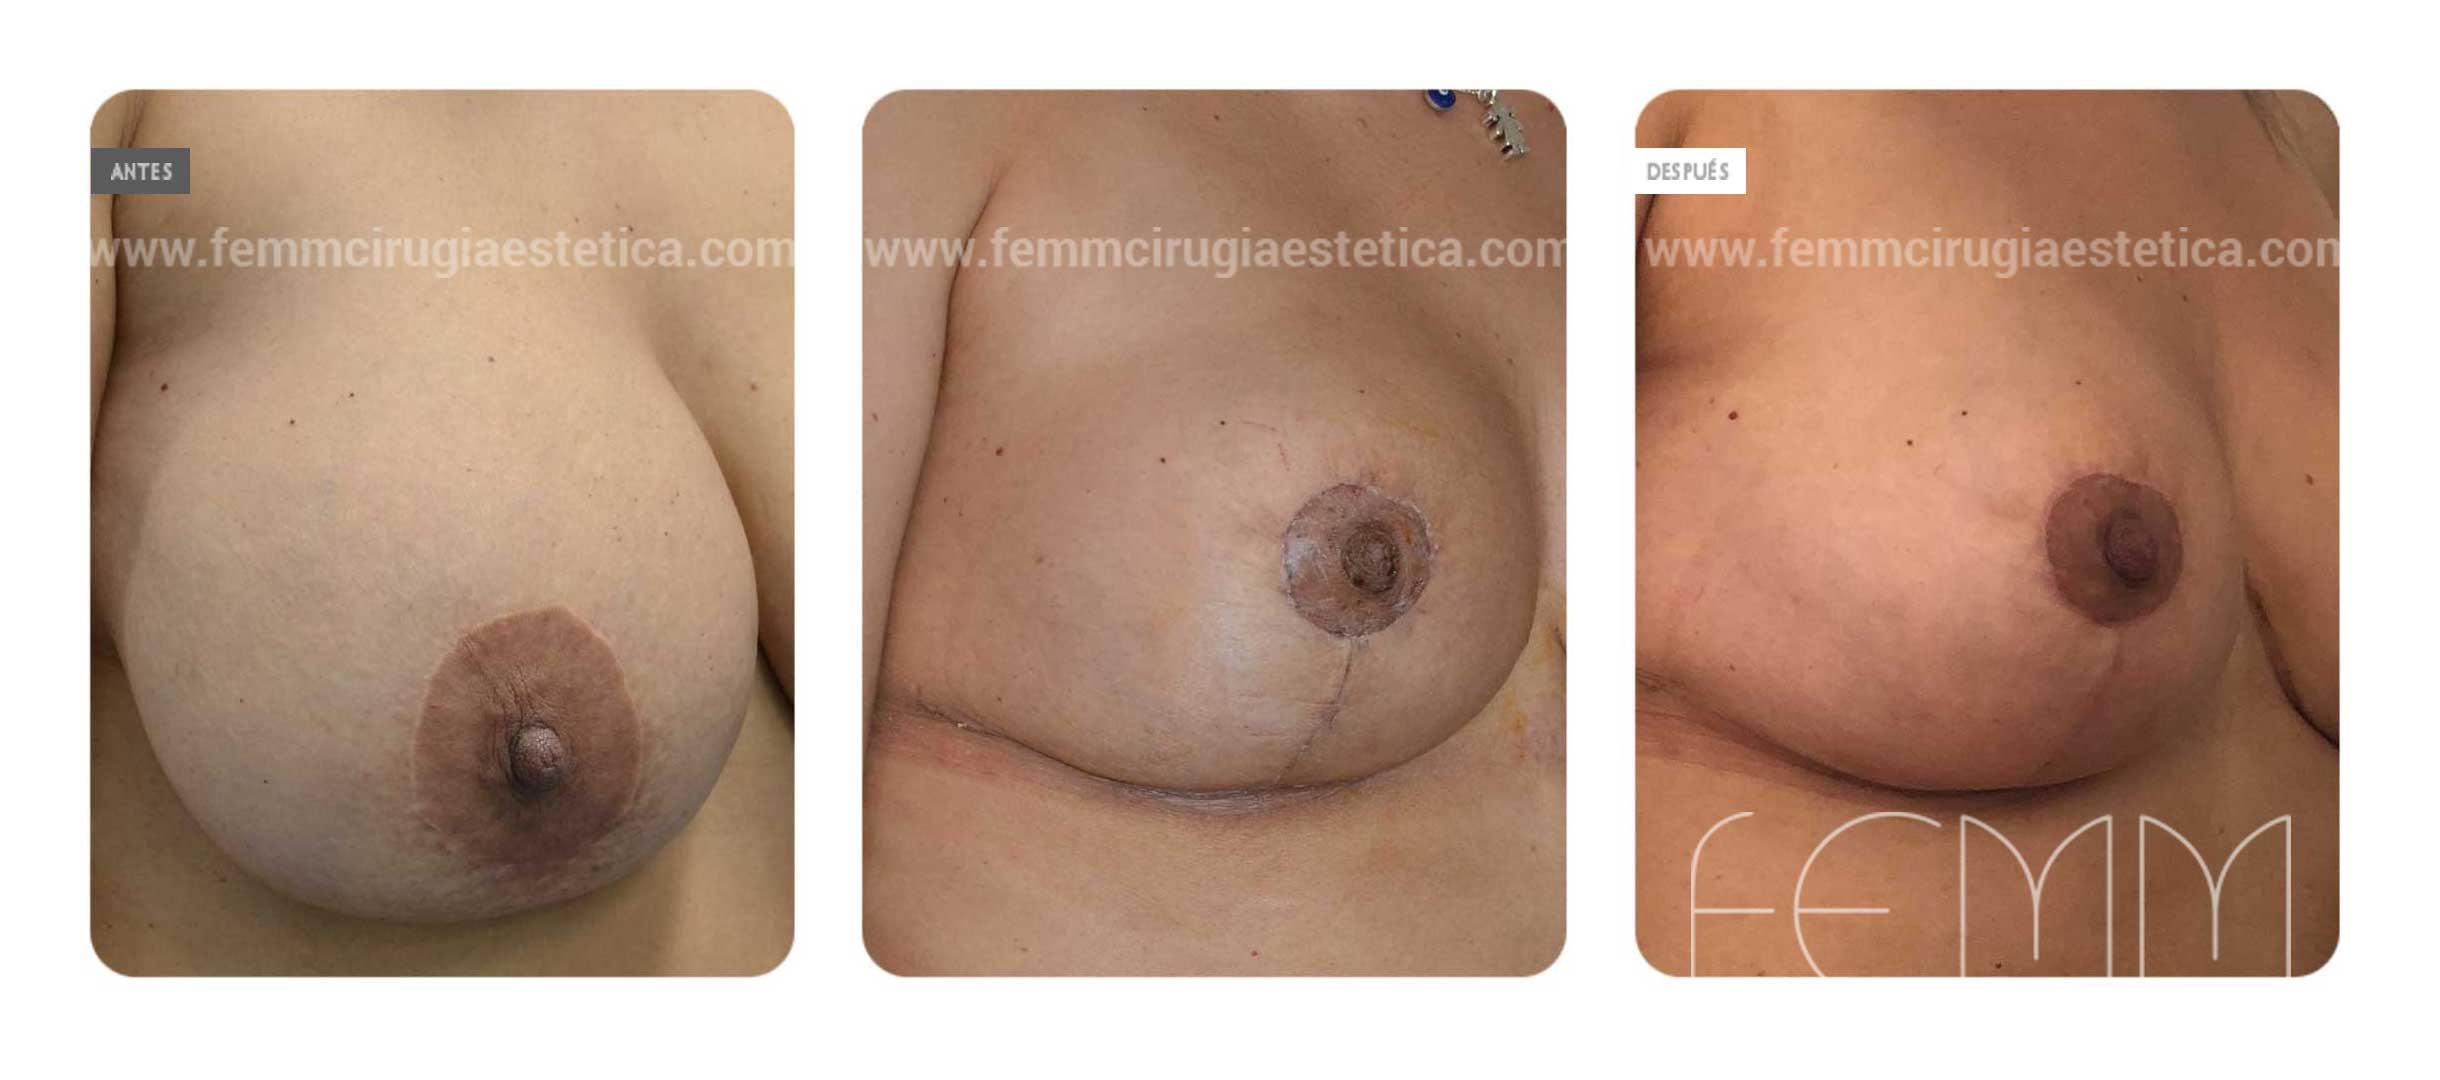 Explantación de implantes mamarios · Caso 3 - Fotografía 1